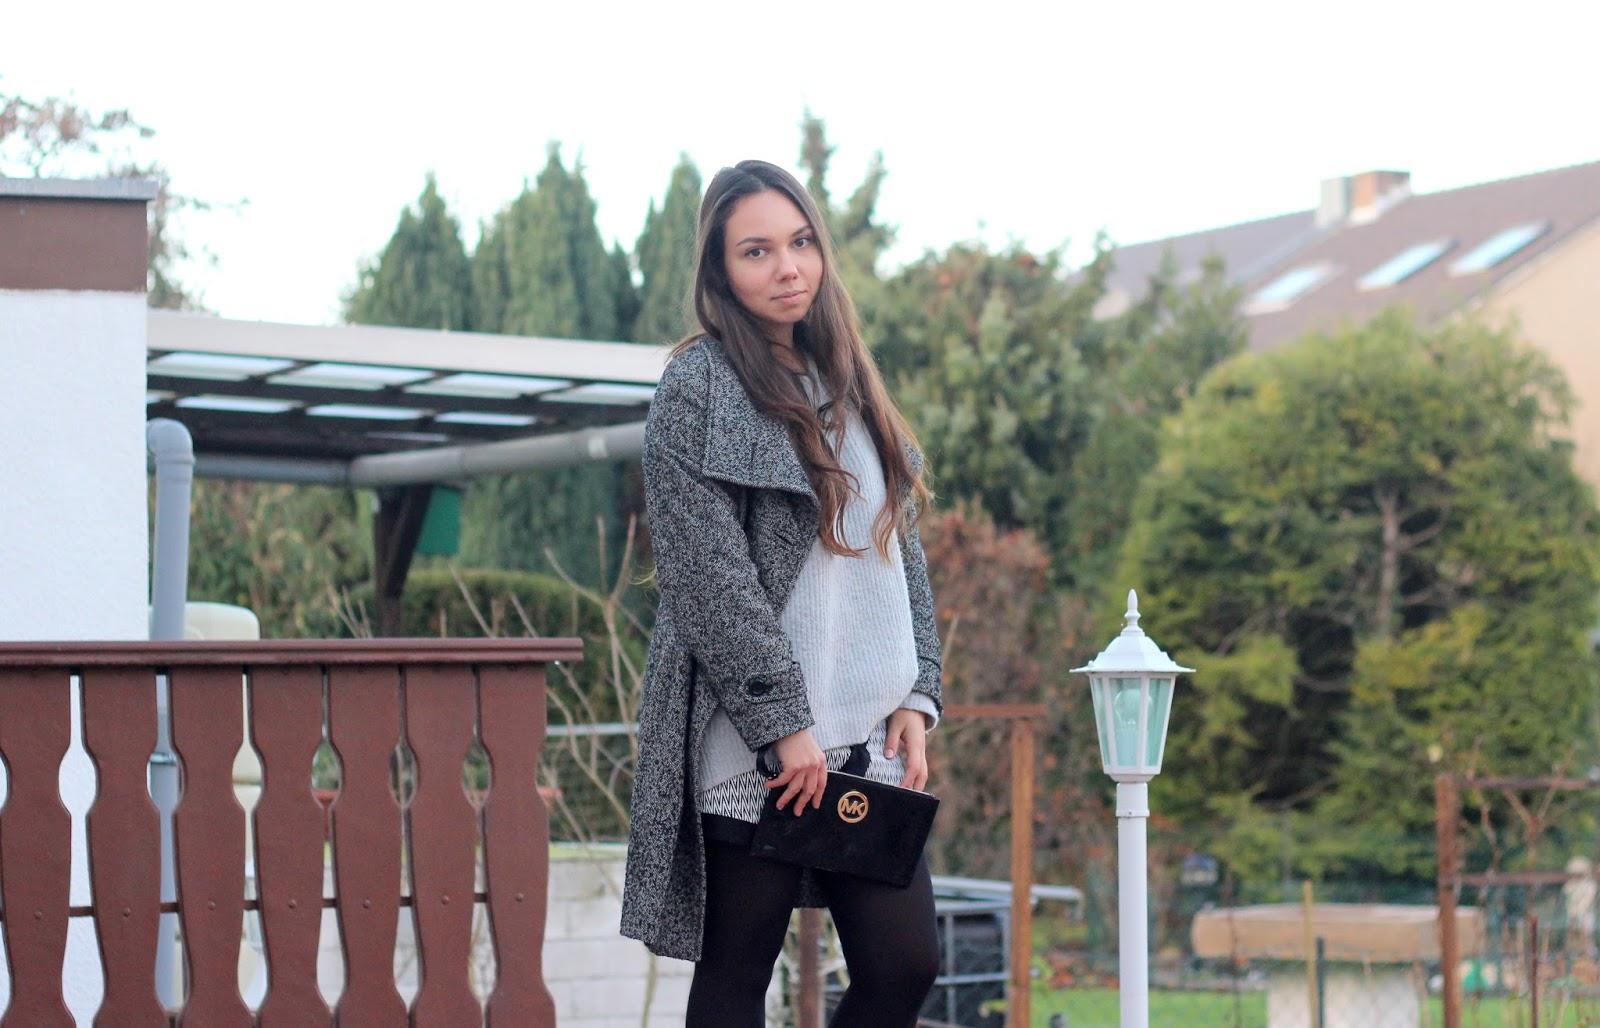 grauer pulli und mantel für winter